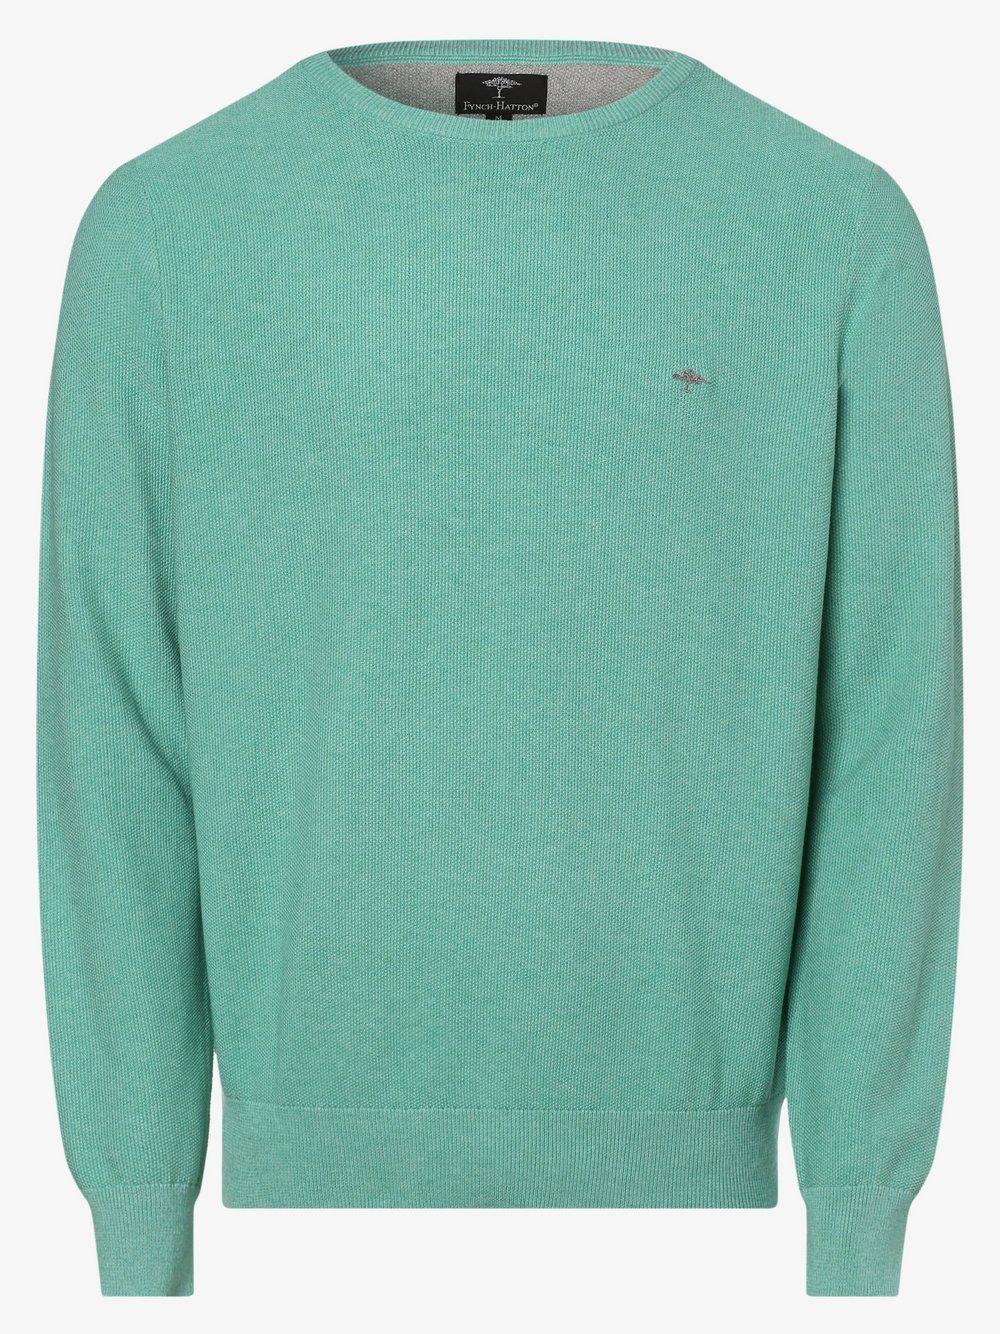 Fynch-Hatton – Sweter męski, zielony Van Graaf 464106-0005-09920